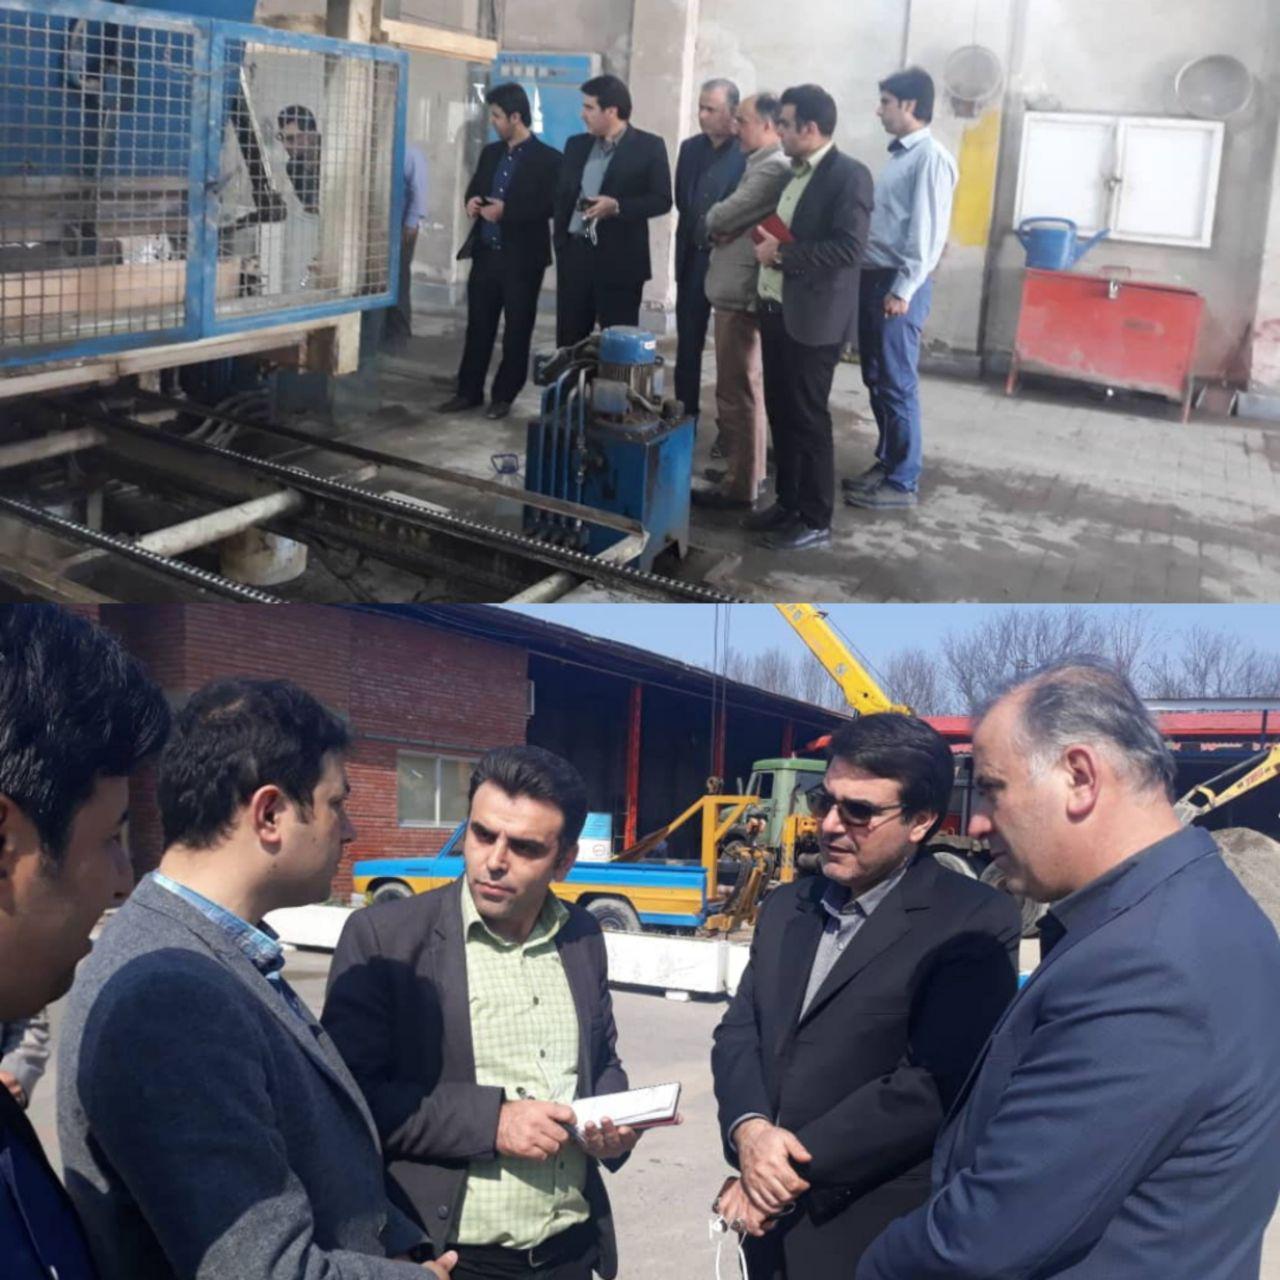 بازدید مهندس ناصر عطایی مدیر منطقه یک شهرداری رشت از کارگاه سازمان عمران شهرداری